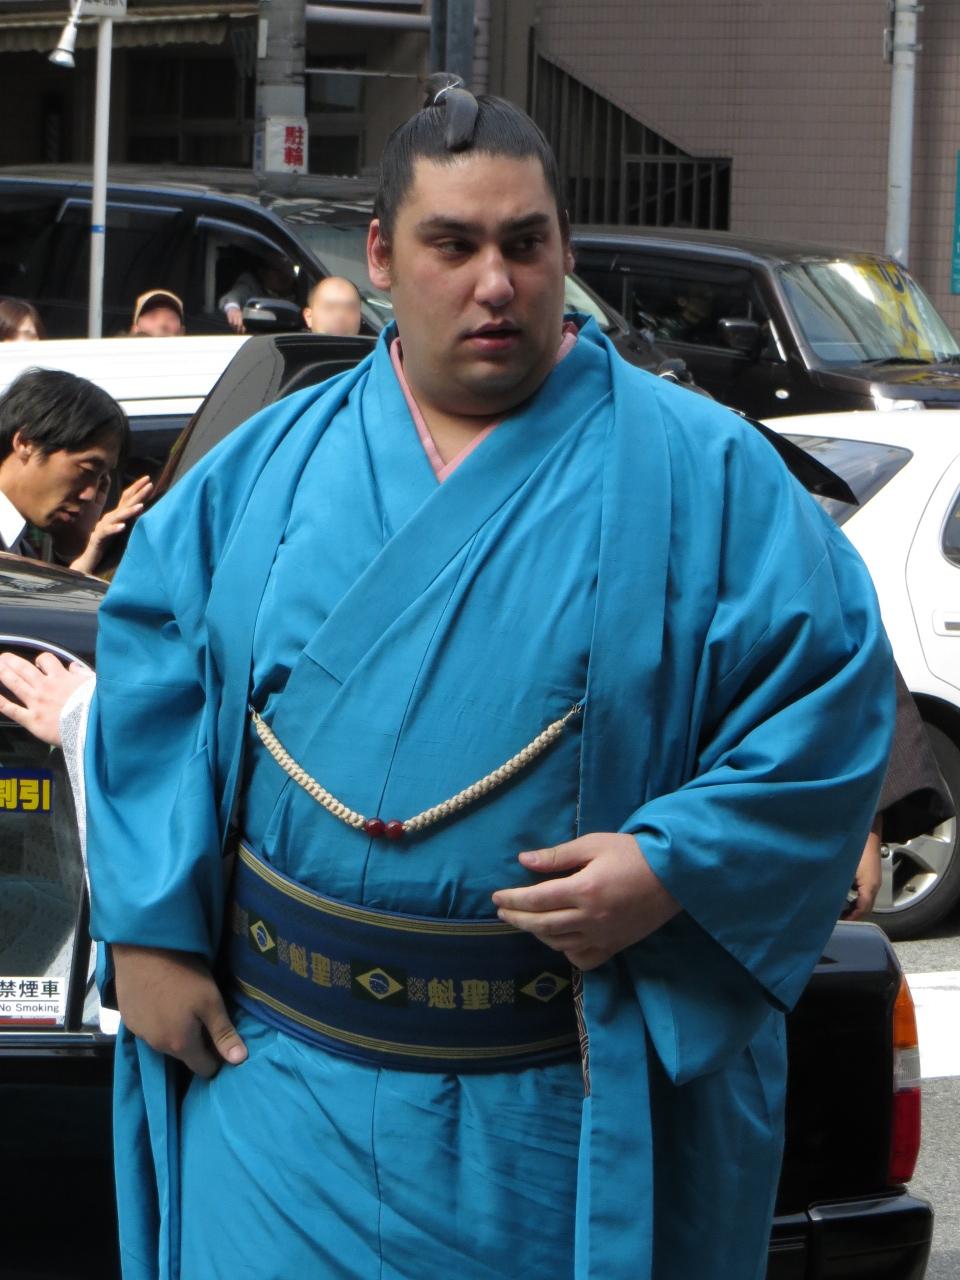 Kaisei Ichirō FileKaisei in Harubasho 2013 IMG 18992 20130324JPG Wikimedia